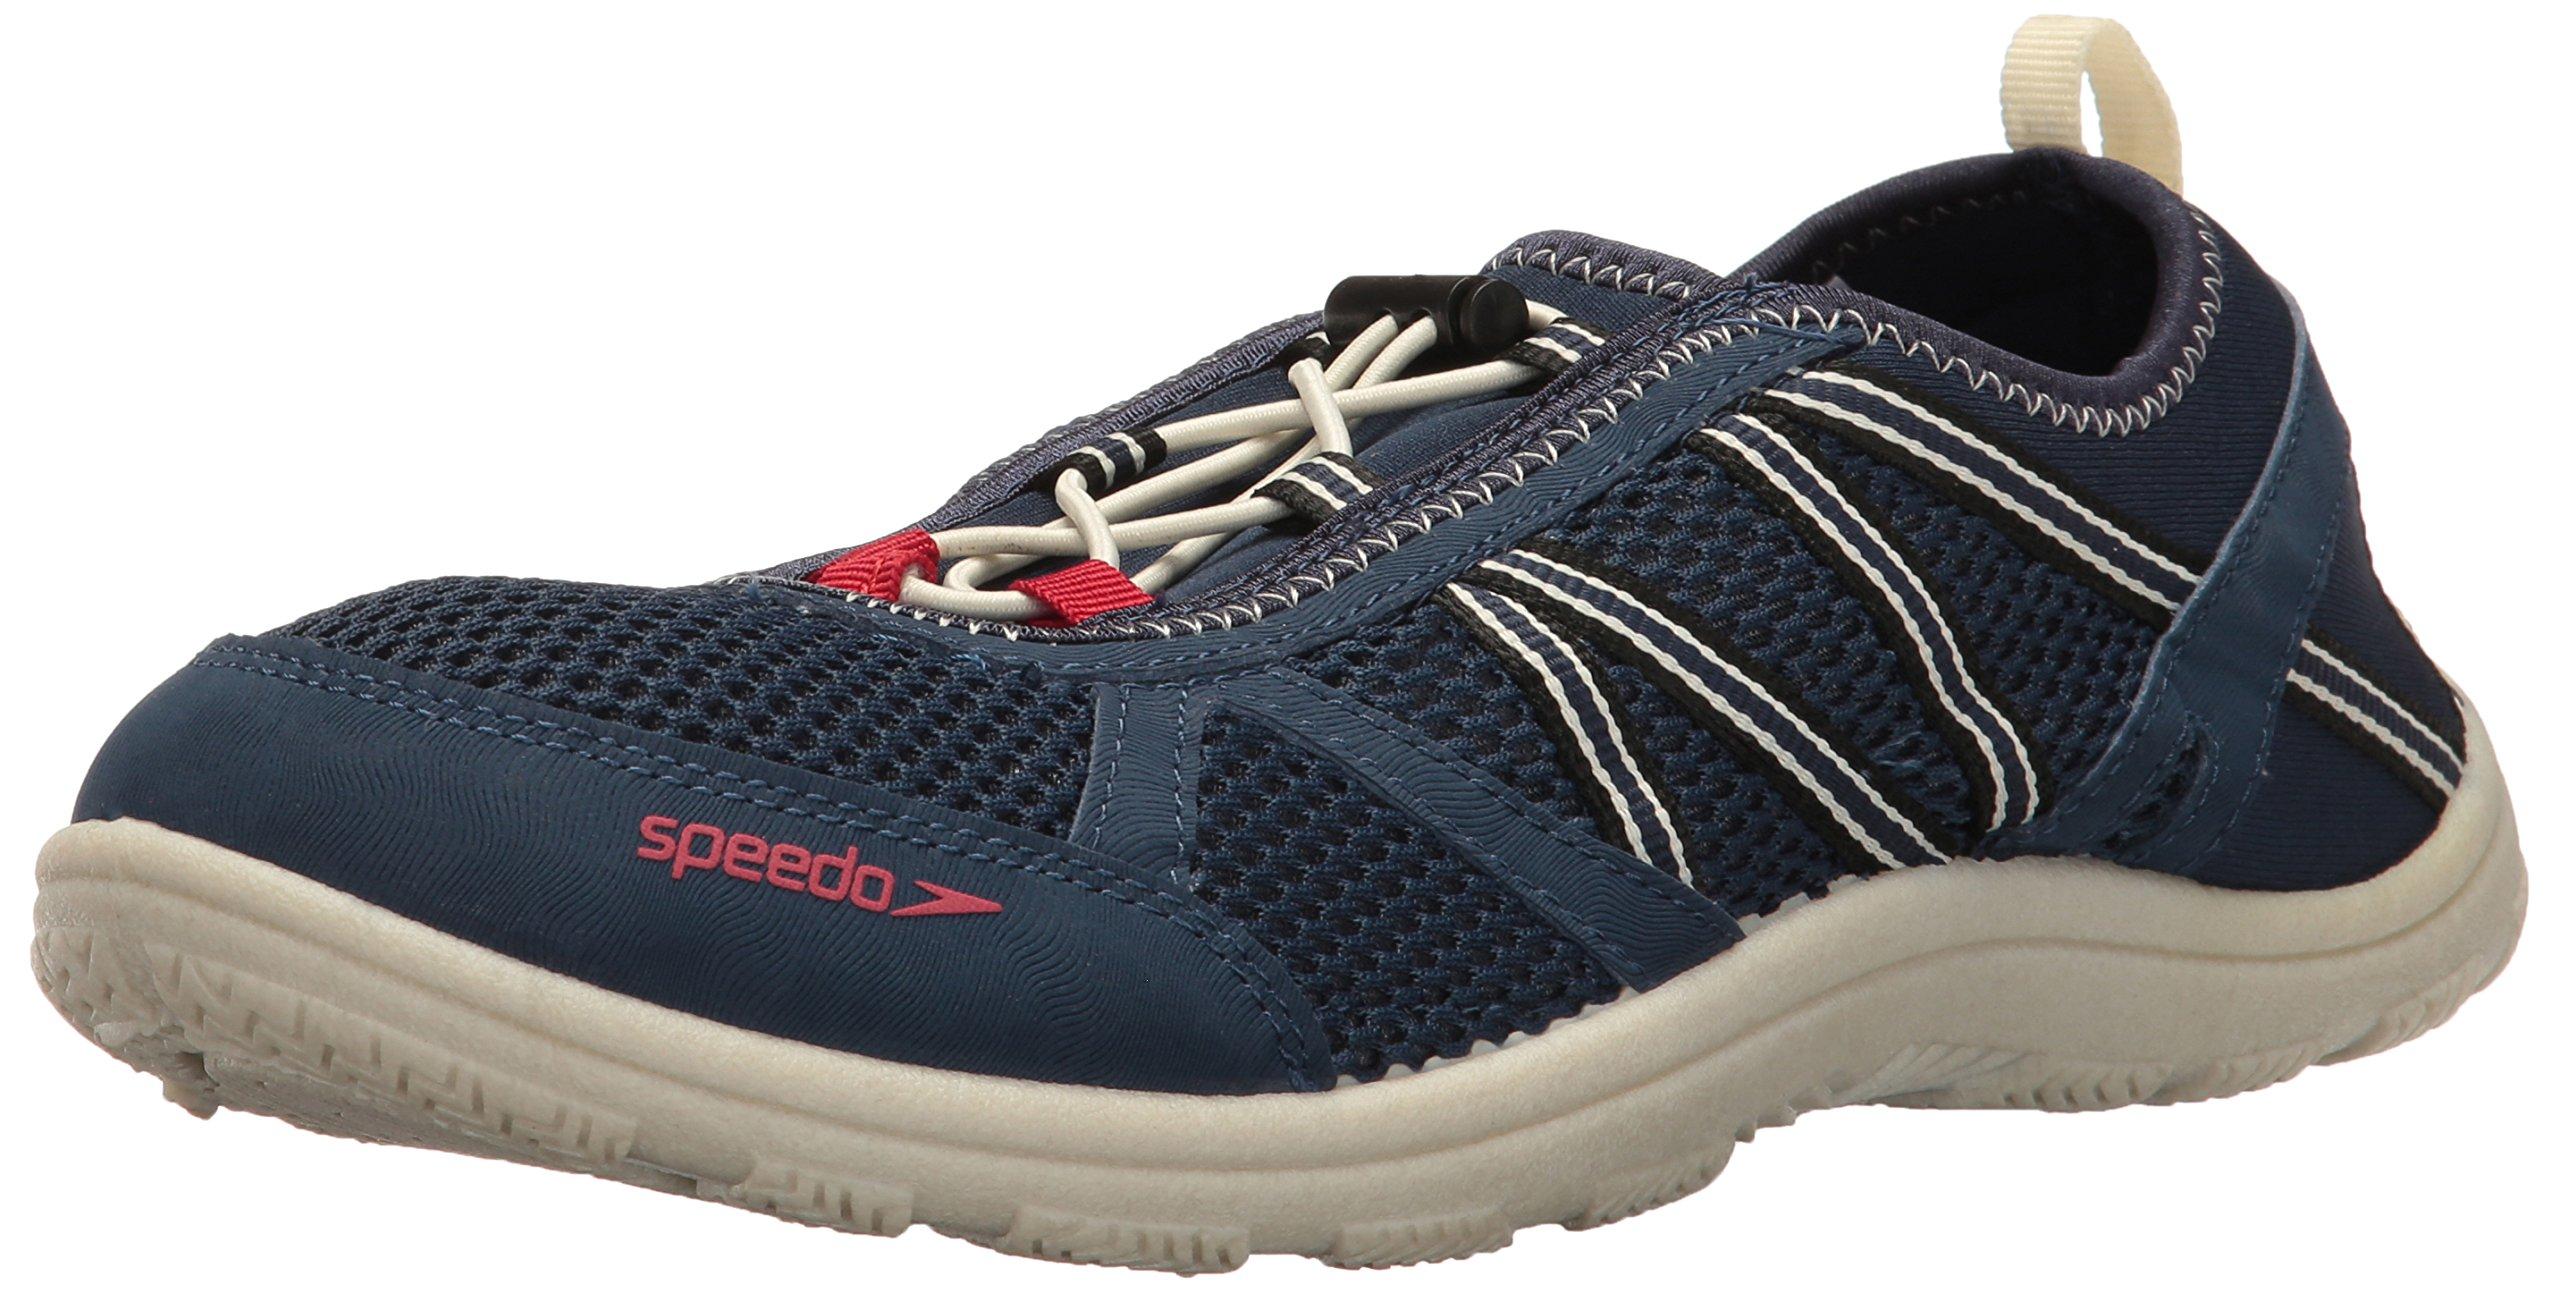 Speedo Men's Seaside LACE 5.0 Athletic Water Shoe, Insignia Blue/Bone White, 10 by Speedo